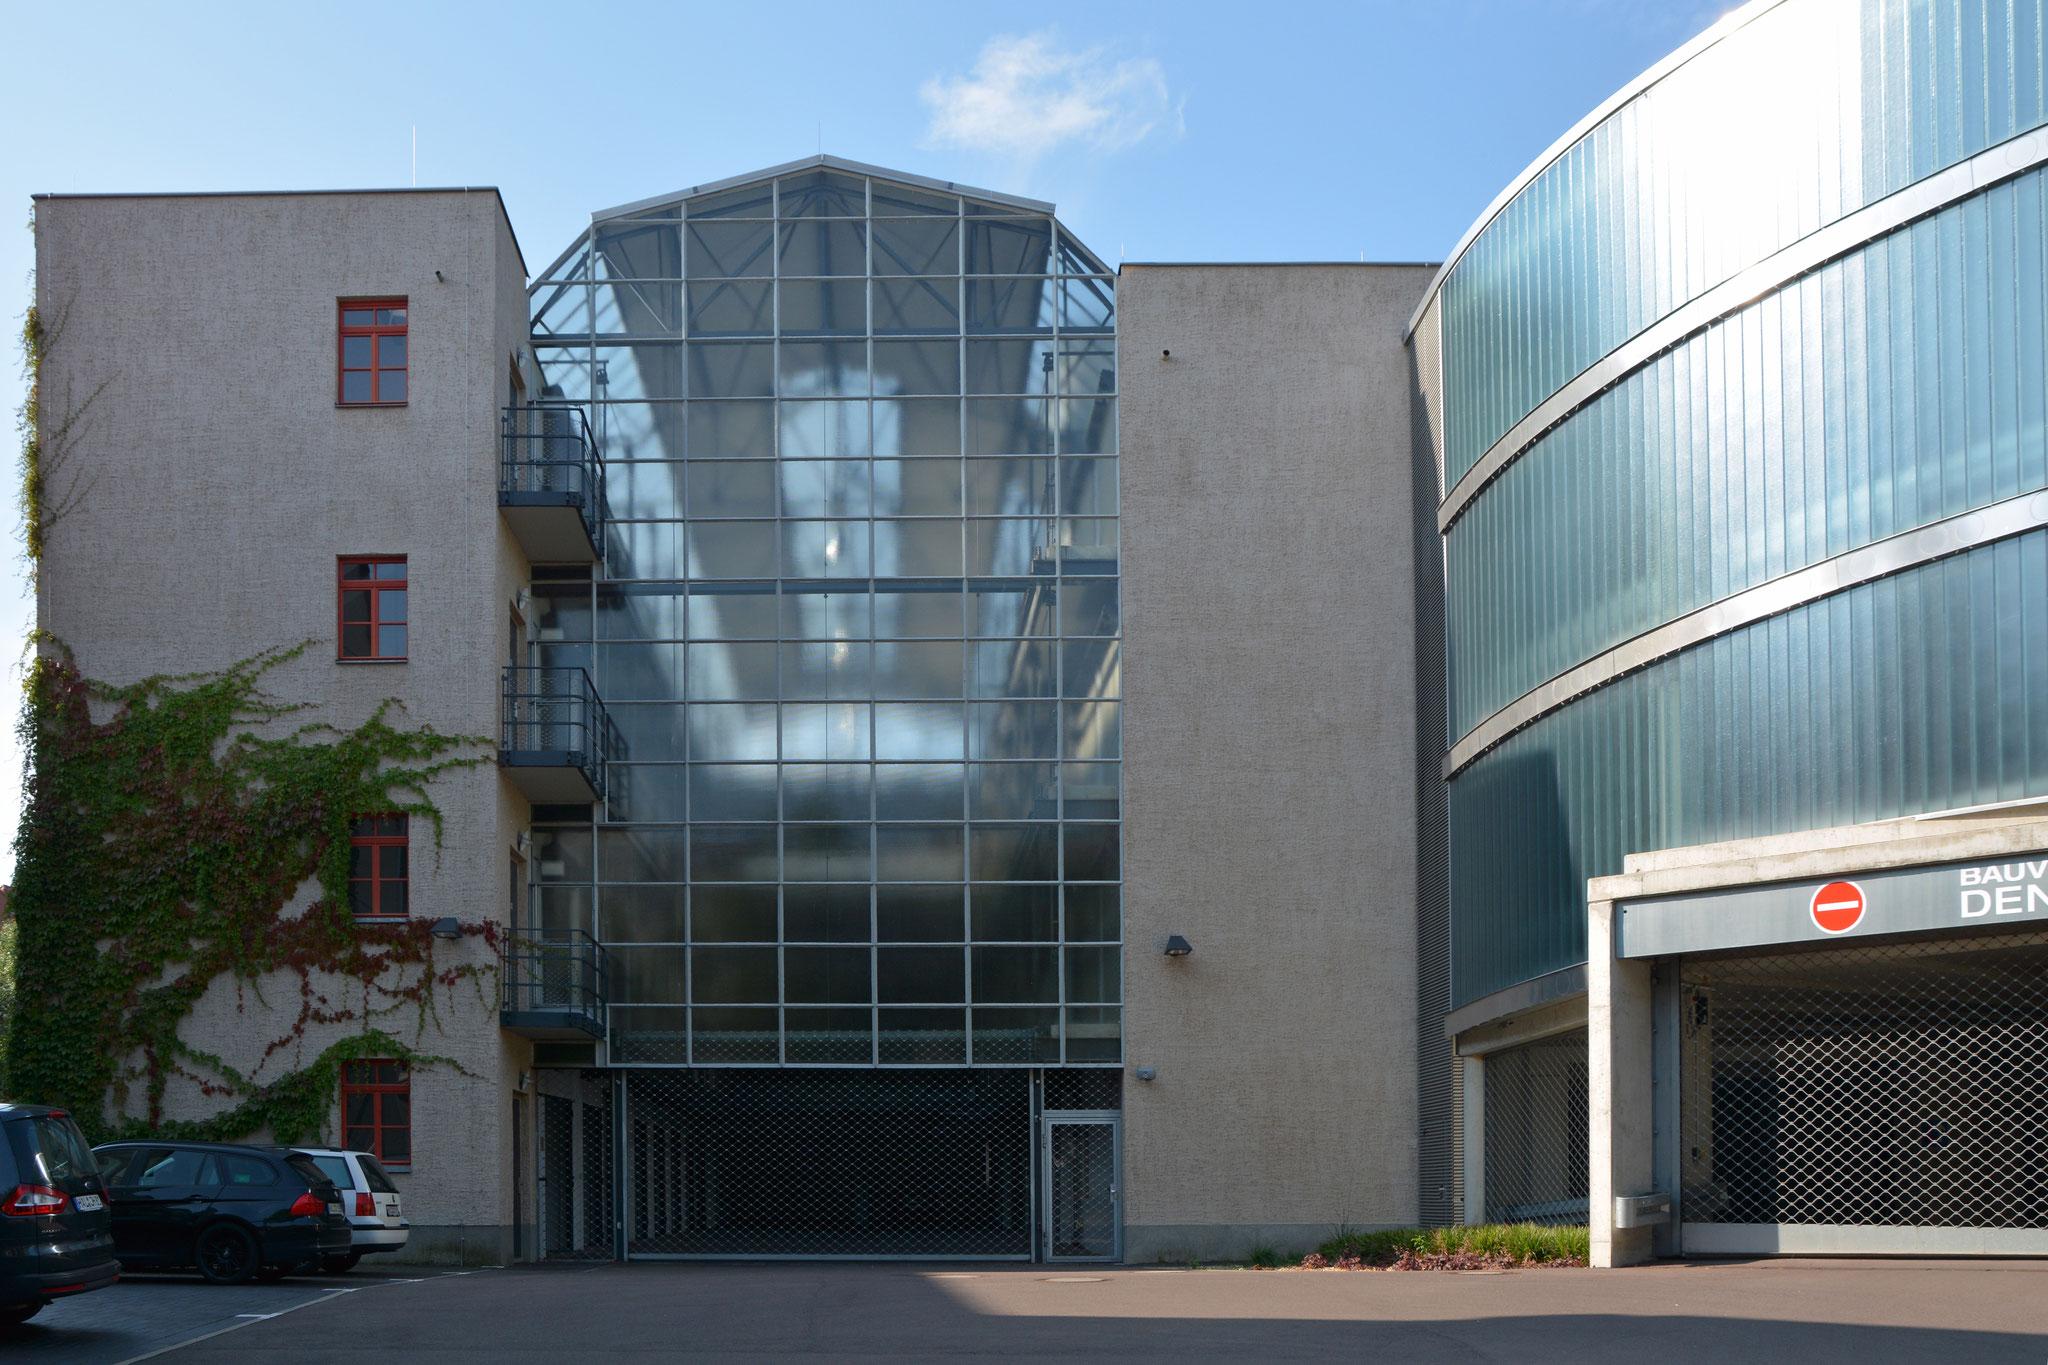 die Großgarage Süd in Halle